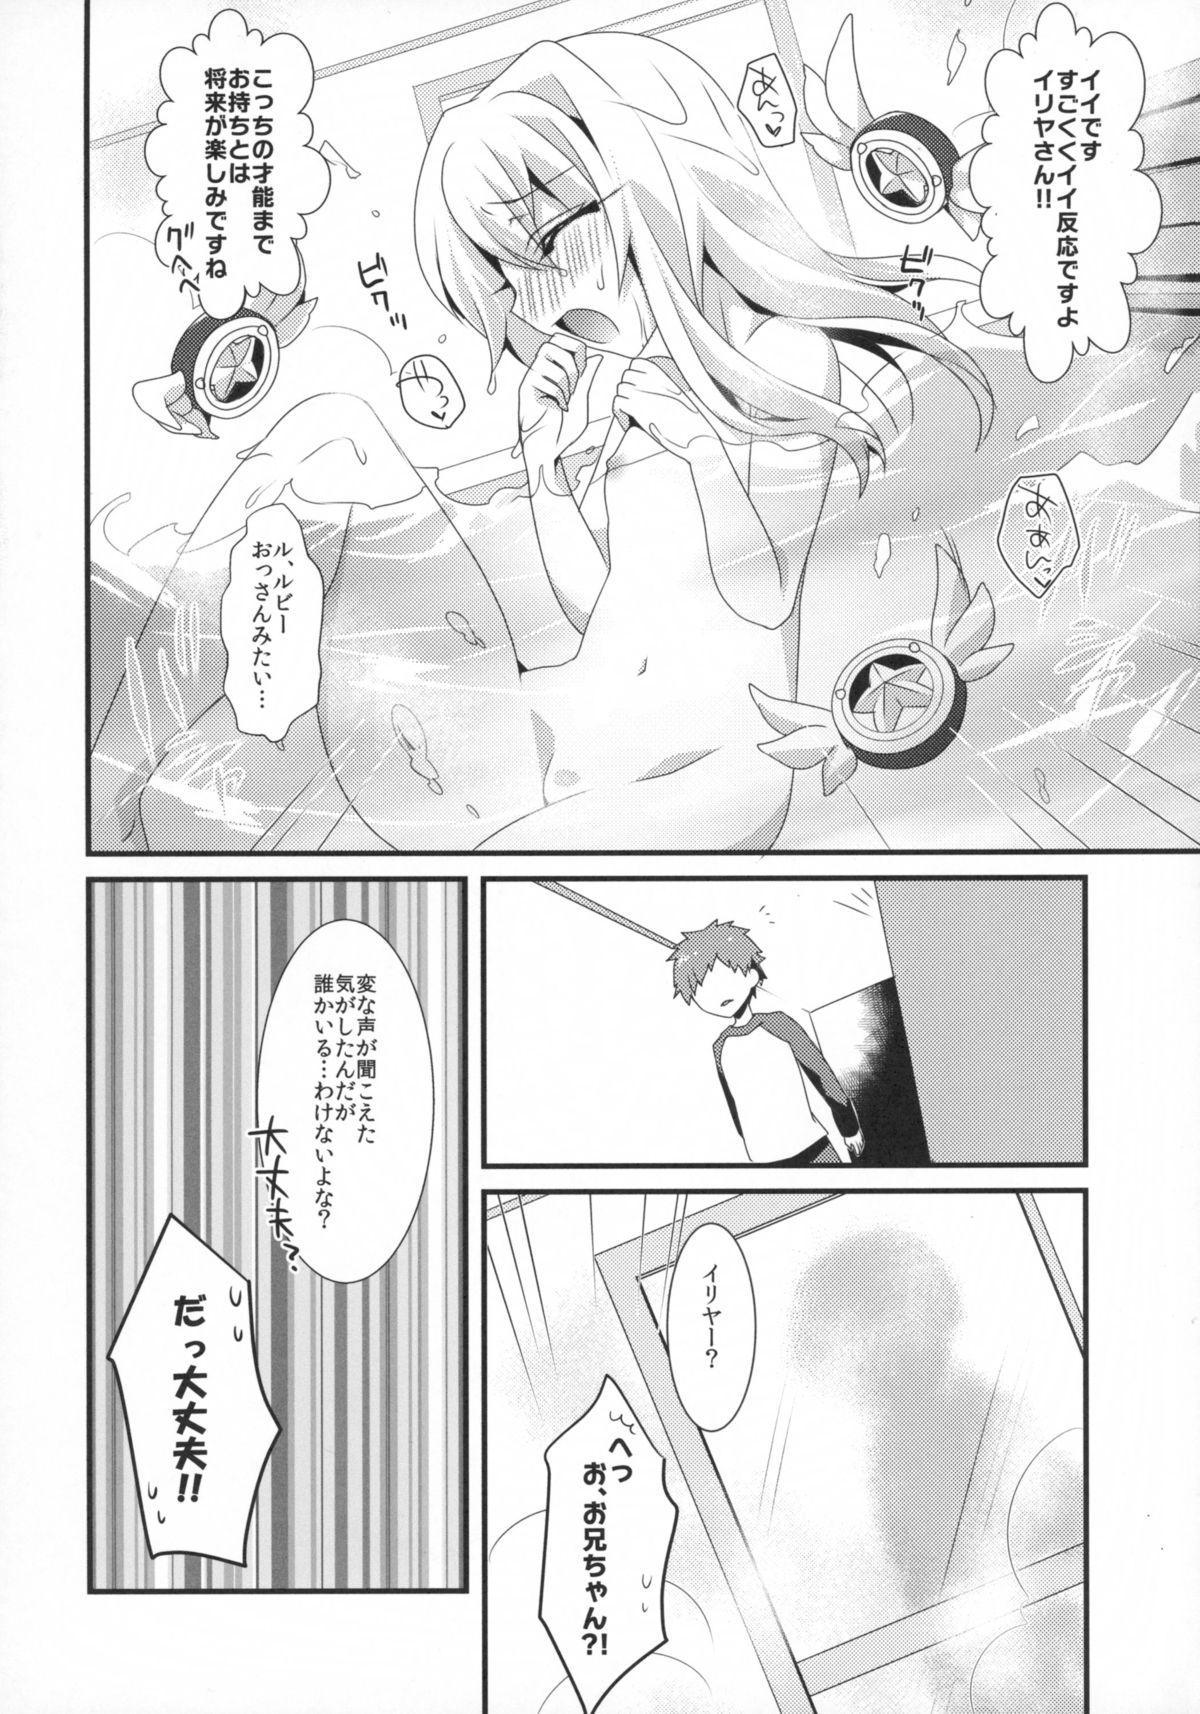 Mahou shoujo no nichijou 9